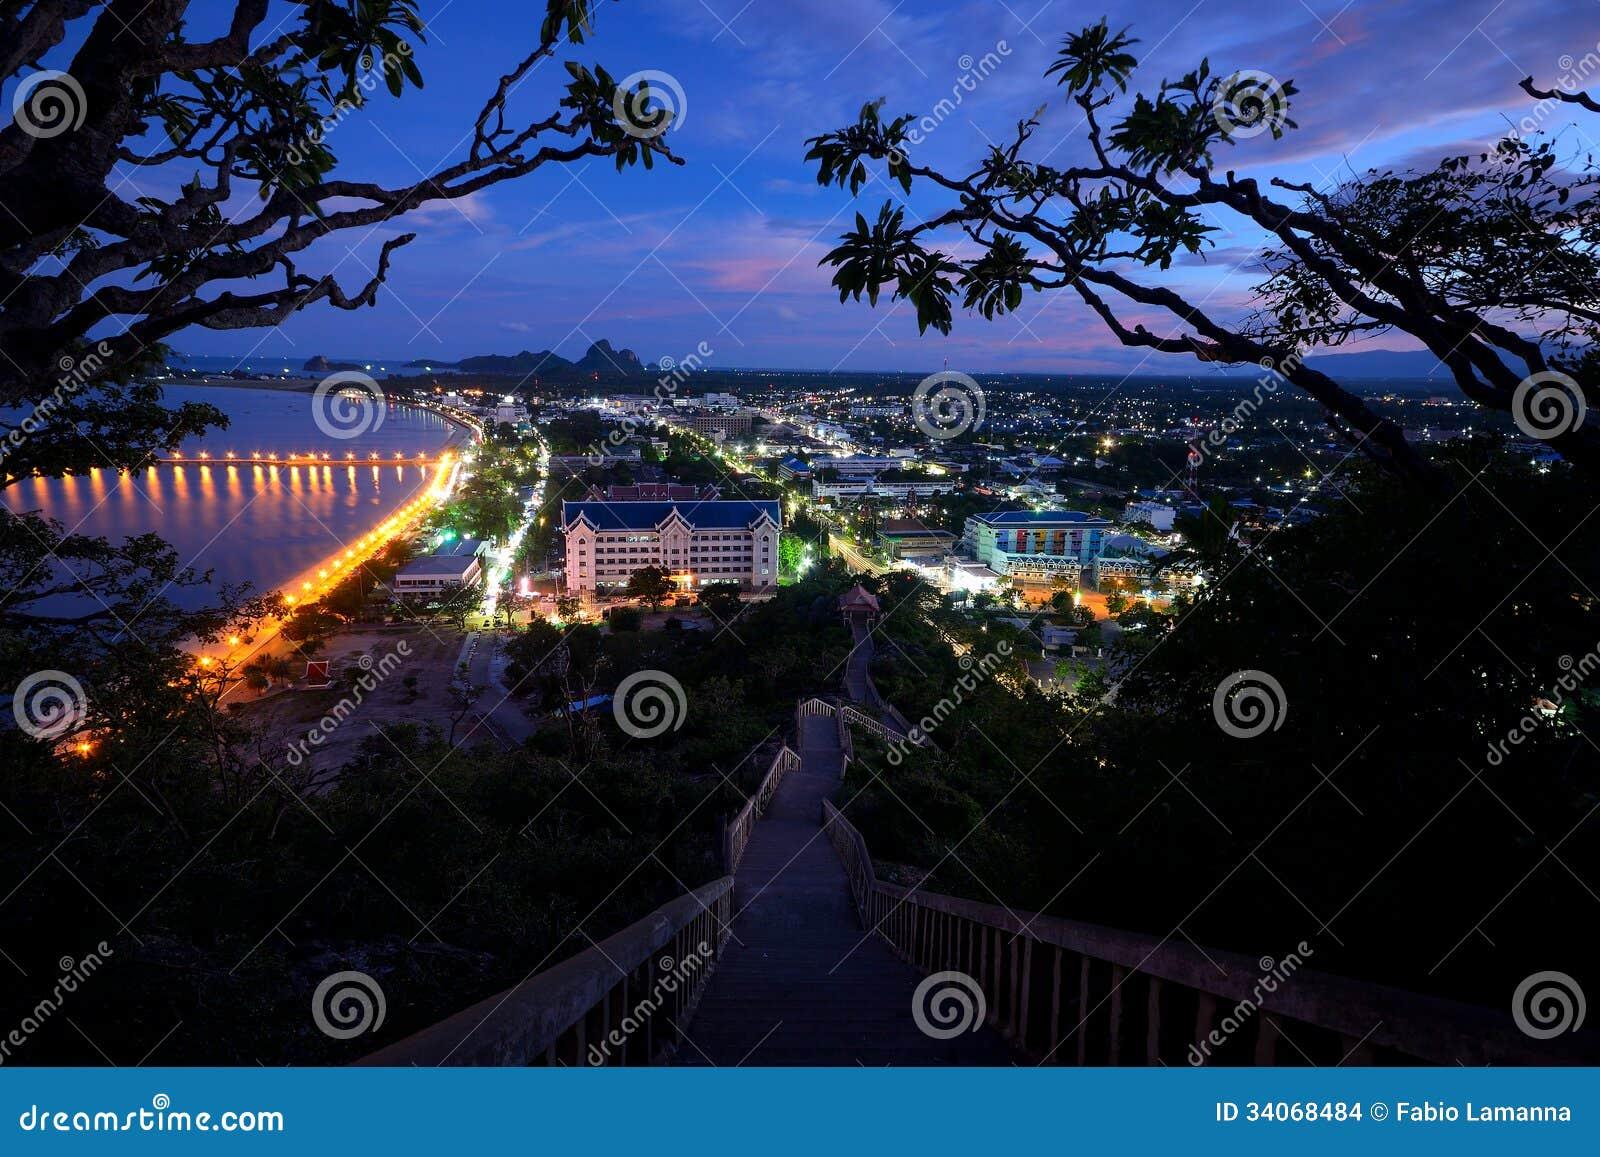 Paysage urbain au crépuscule